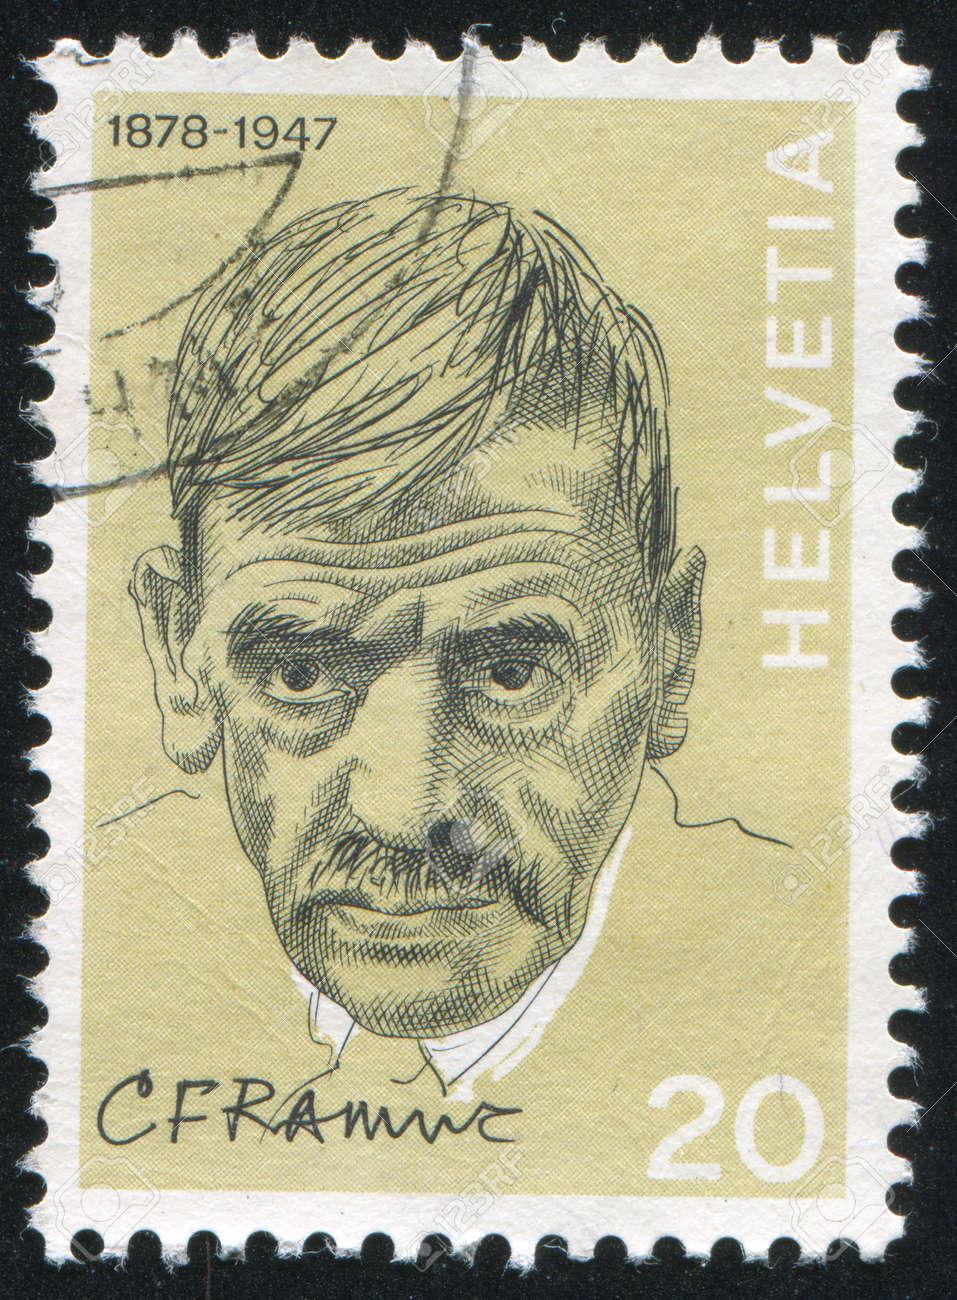 SWITZERLAND - CIRCA 1972: stamp printed by Switzerland, shows Charles Ferdinand Ramuz, circa 1972 Stock Photo - 17145729